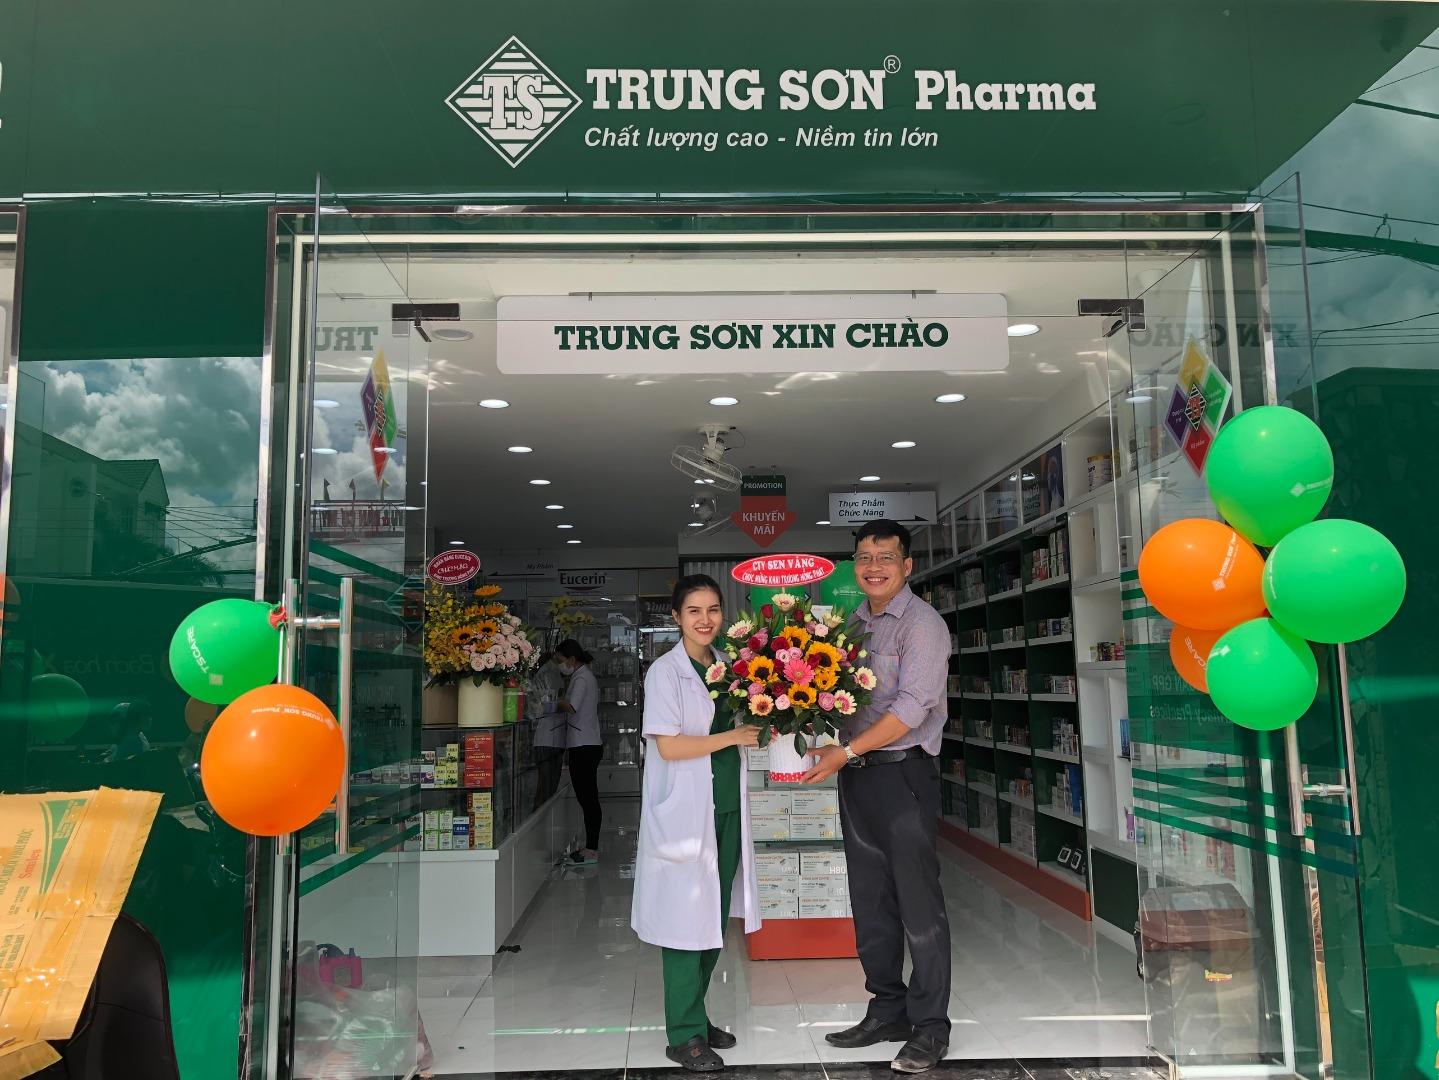 Công ty TNHH Dược mỹ phẩm Sen Vàng chúc mừng Hệ thống nhà thuốc Trung Sơn Pharma khai trương: